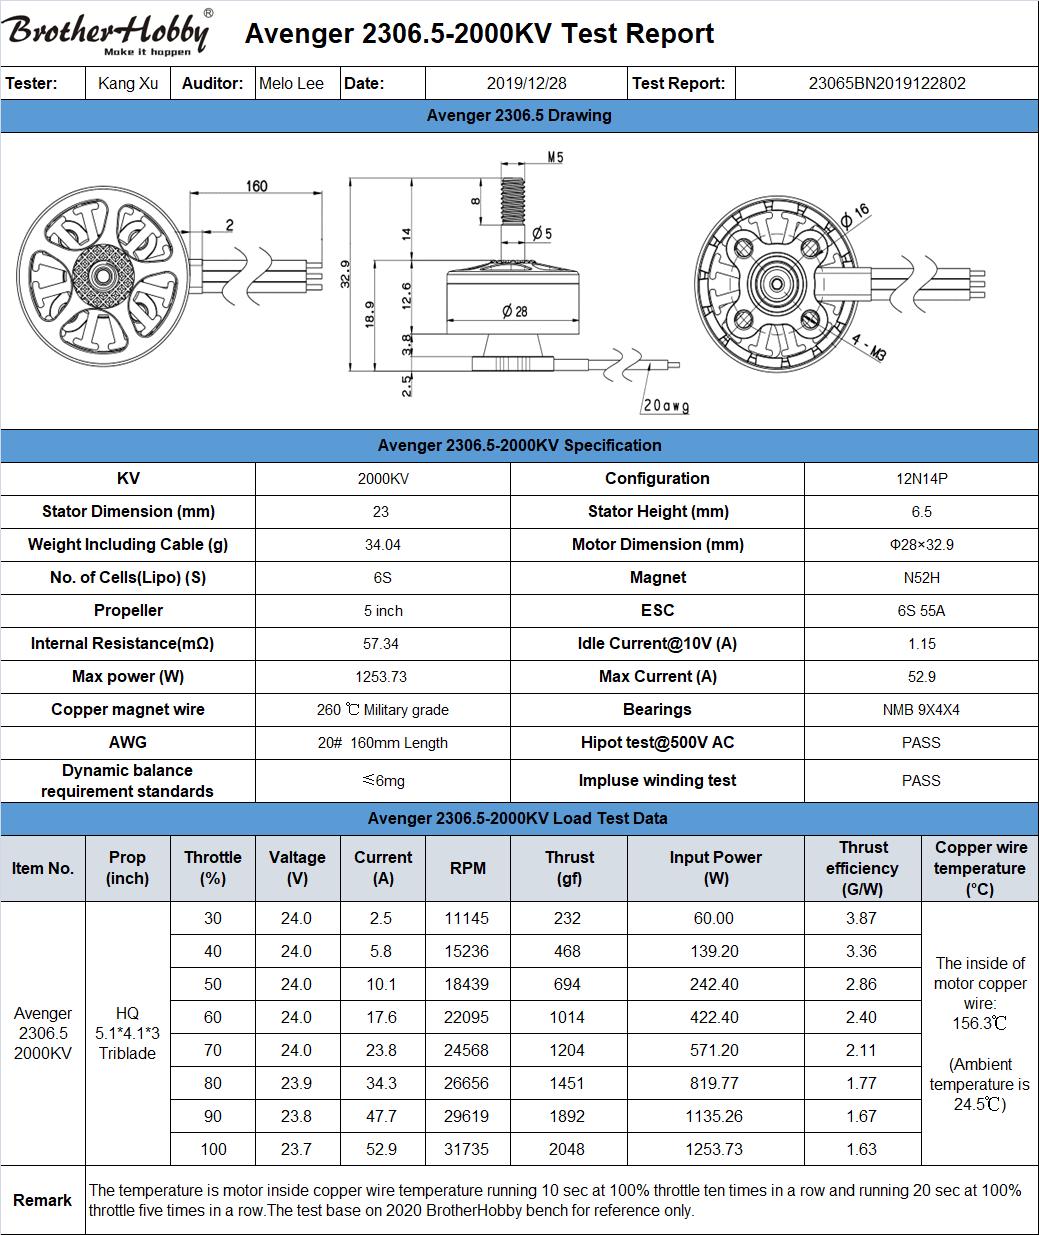 avenger-2306.5-2000kv-6s-5inch-55a.png